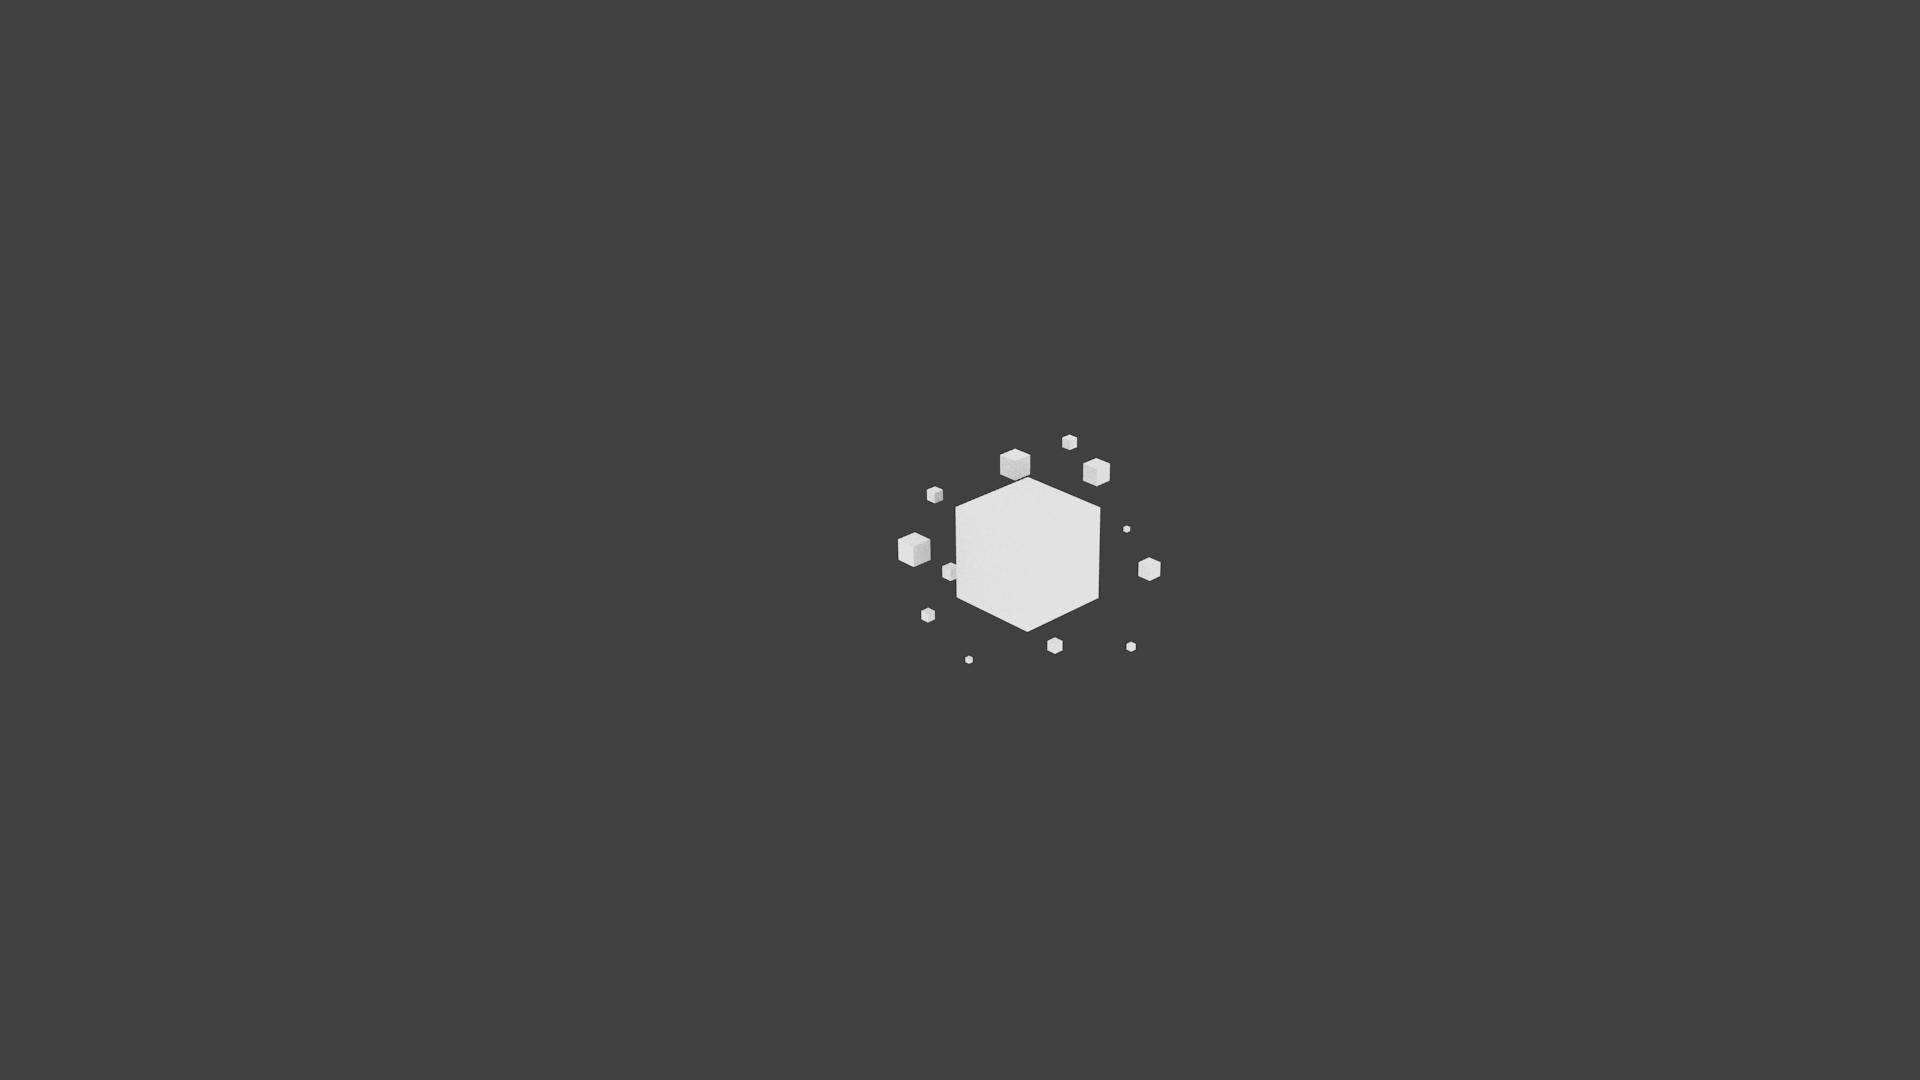 デスクトップ壁紙 ミニマリズム 立方体 単純な背景 3d 1920x1080